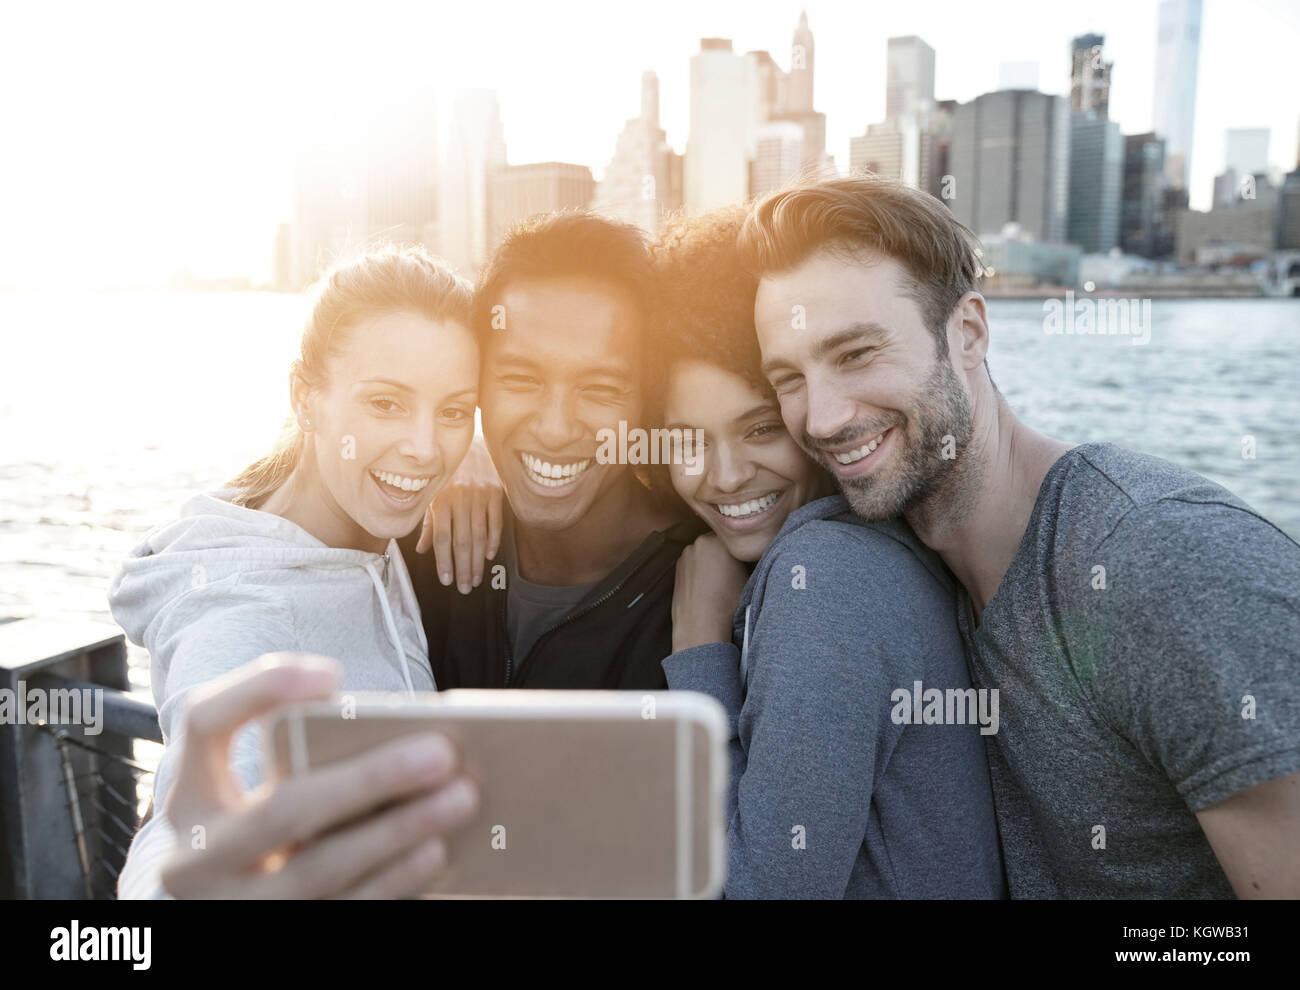 Amigos tomando selfie imagen en Brooklyn Heights Promenade, NYC Imagen De Stock